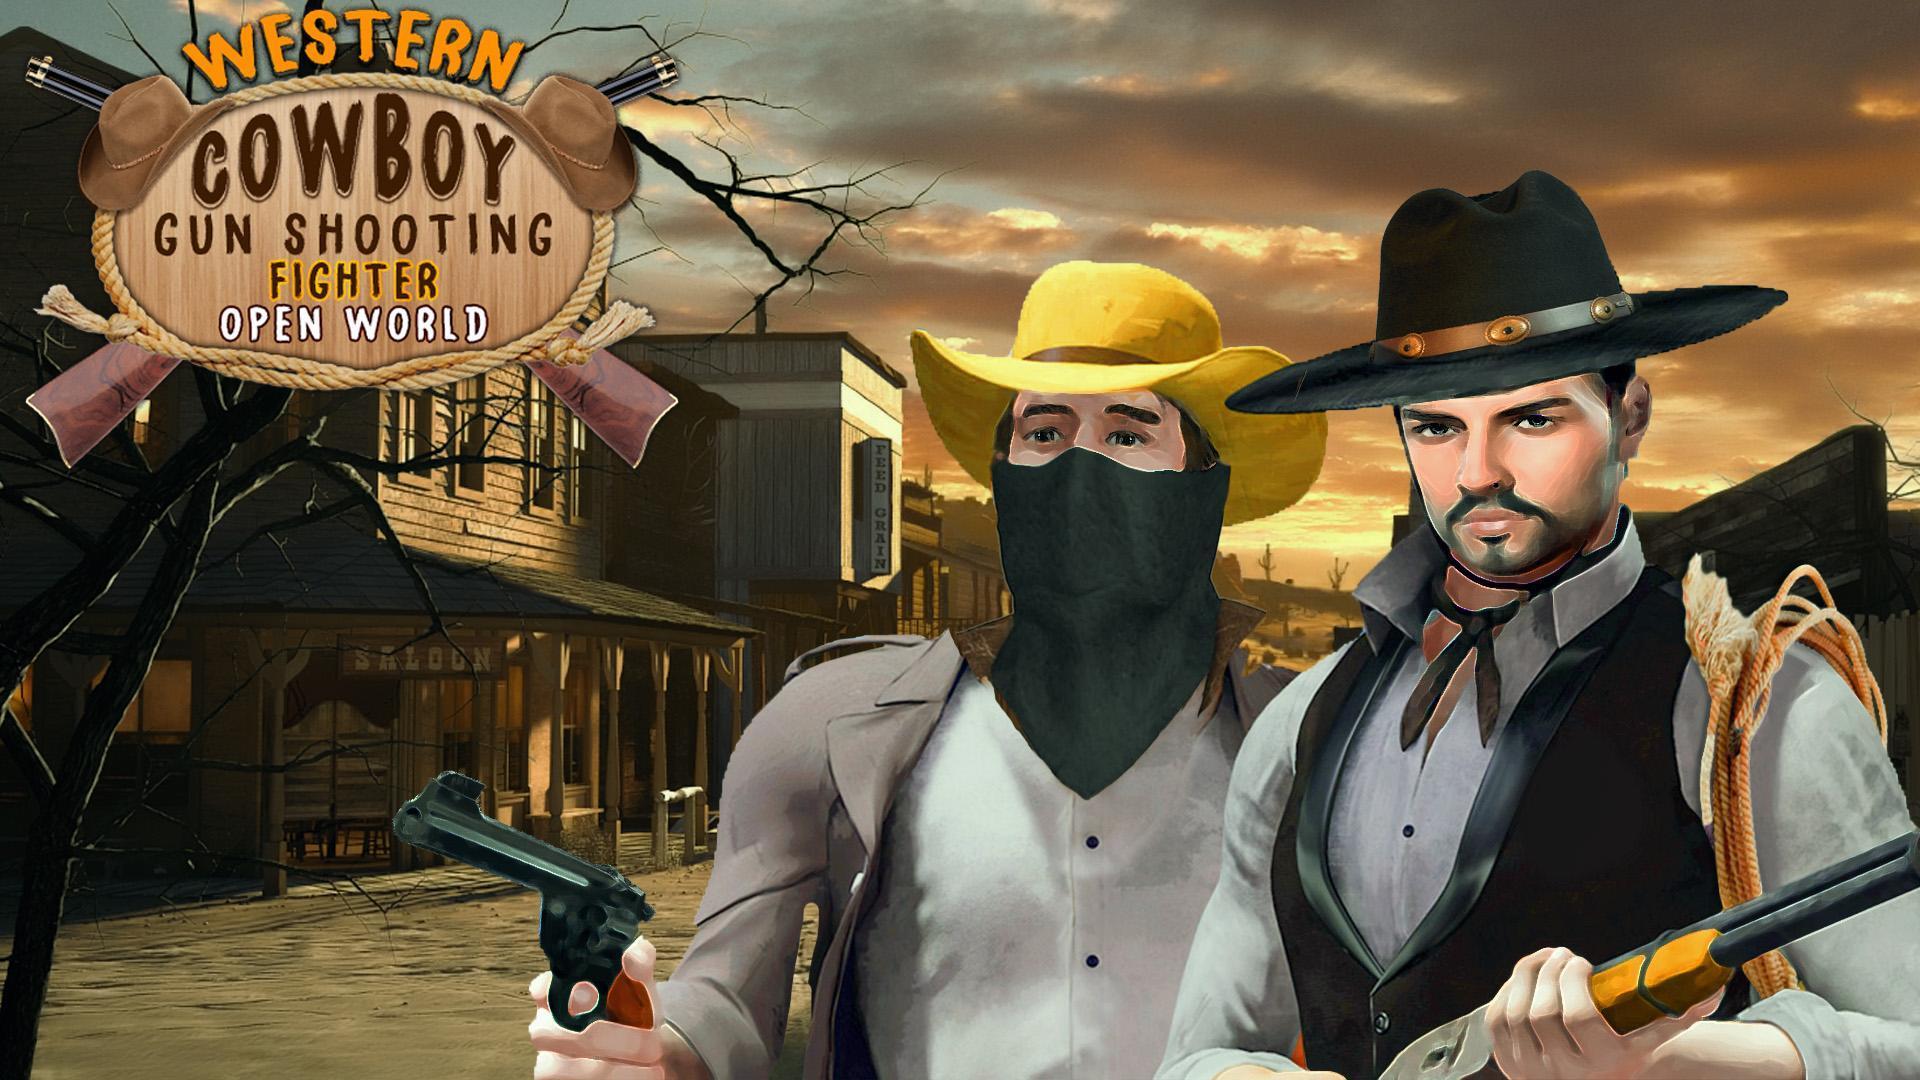 Western Cowboy Gun Shooting Fighter Open World 1.0.6 Screenshot 13